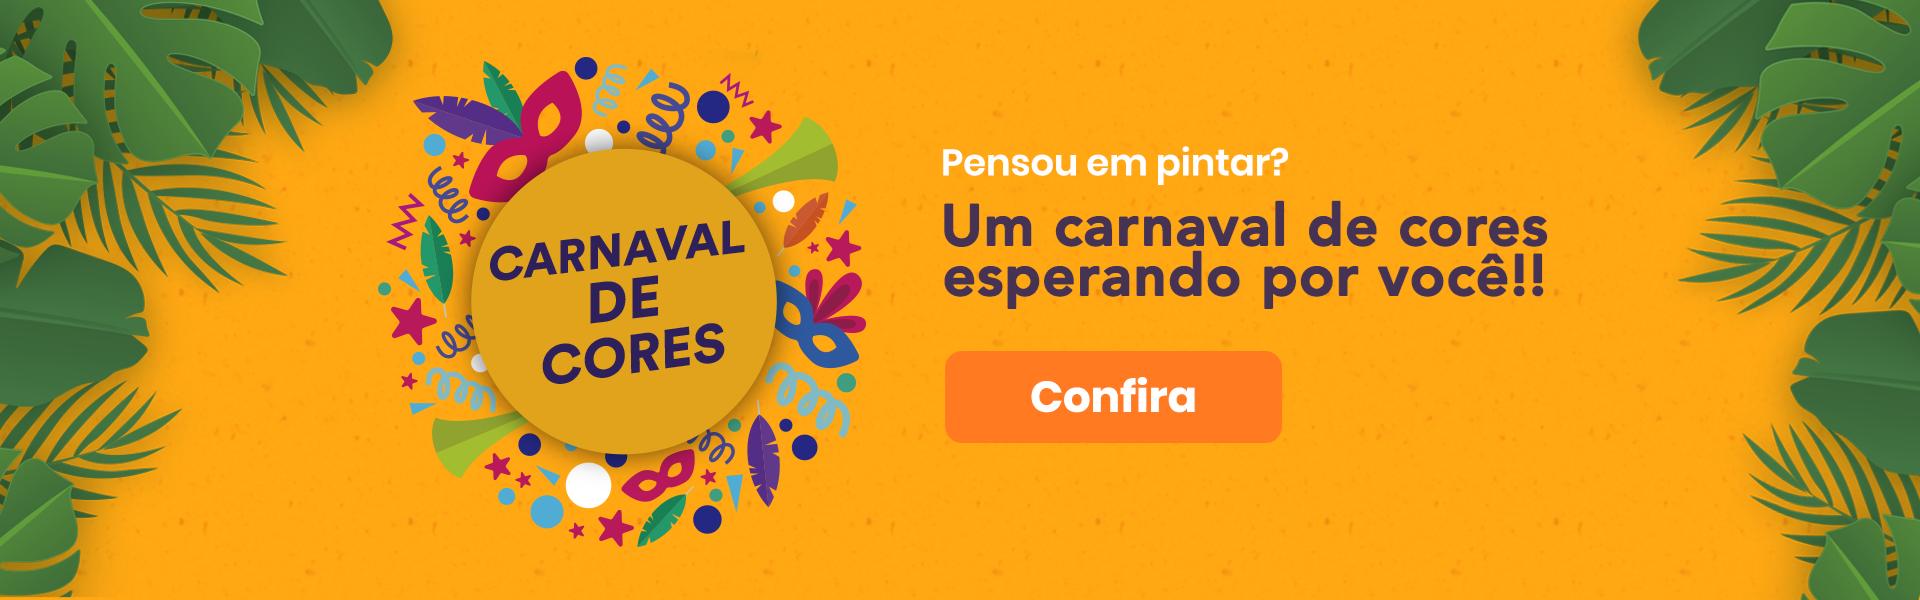 Carnaval Bela Tintas